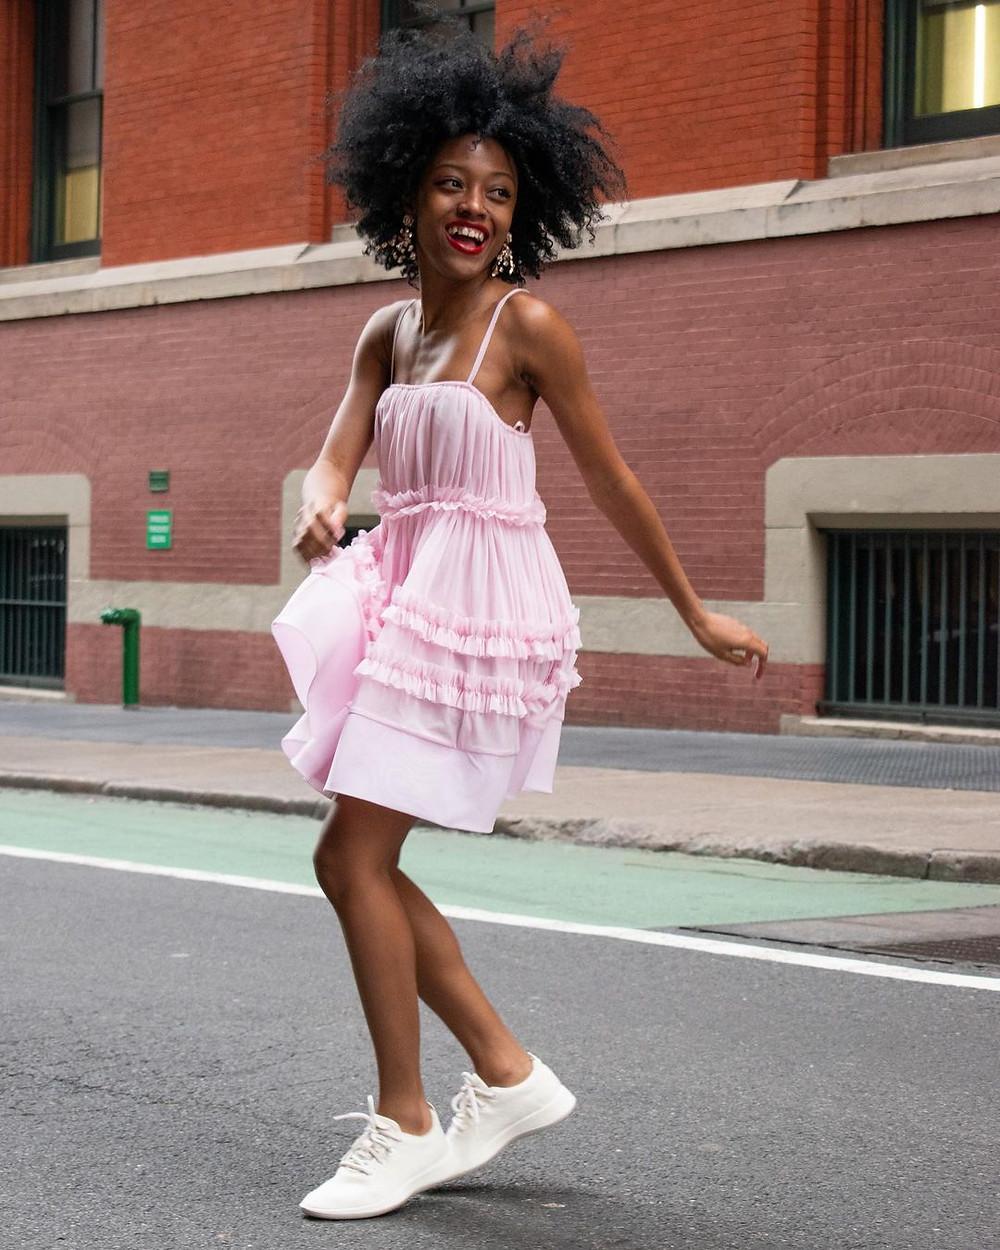 woman in pink dress wears allbirds sneakers